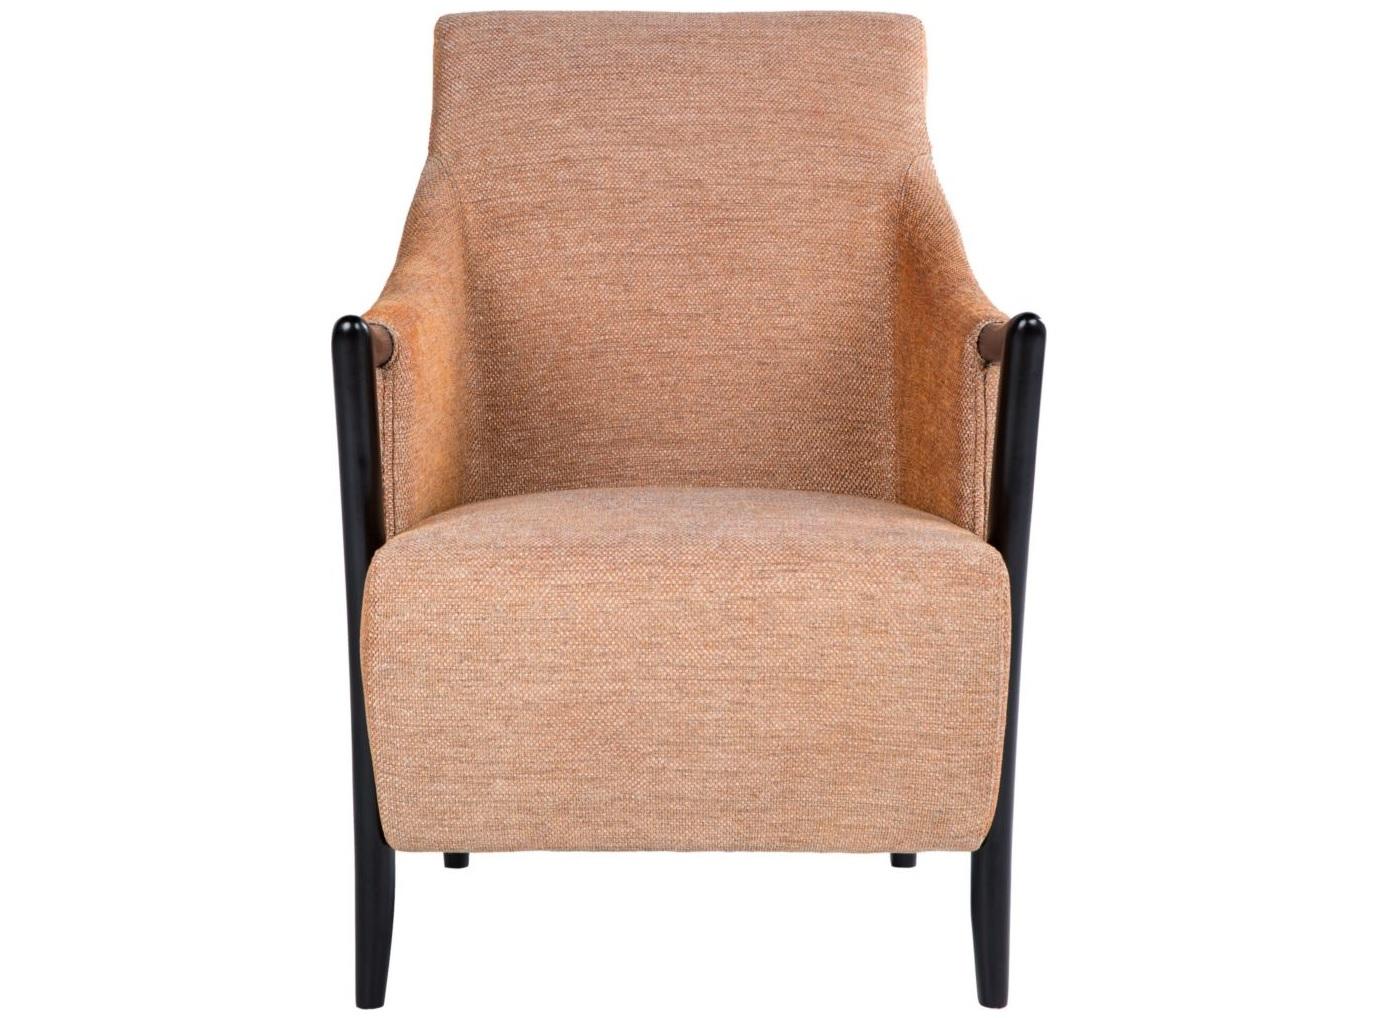 КреслоИнтерьерные кресла<br><br><br>Material: Текстиль<br>Ширина см: 66<br>Высота см: 98<br>Глубина см: 88